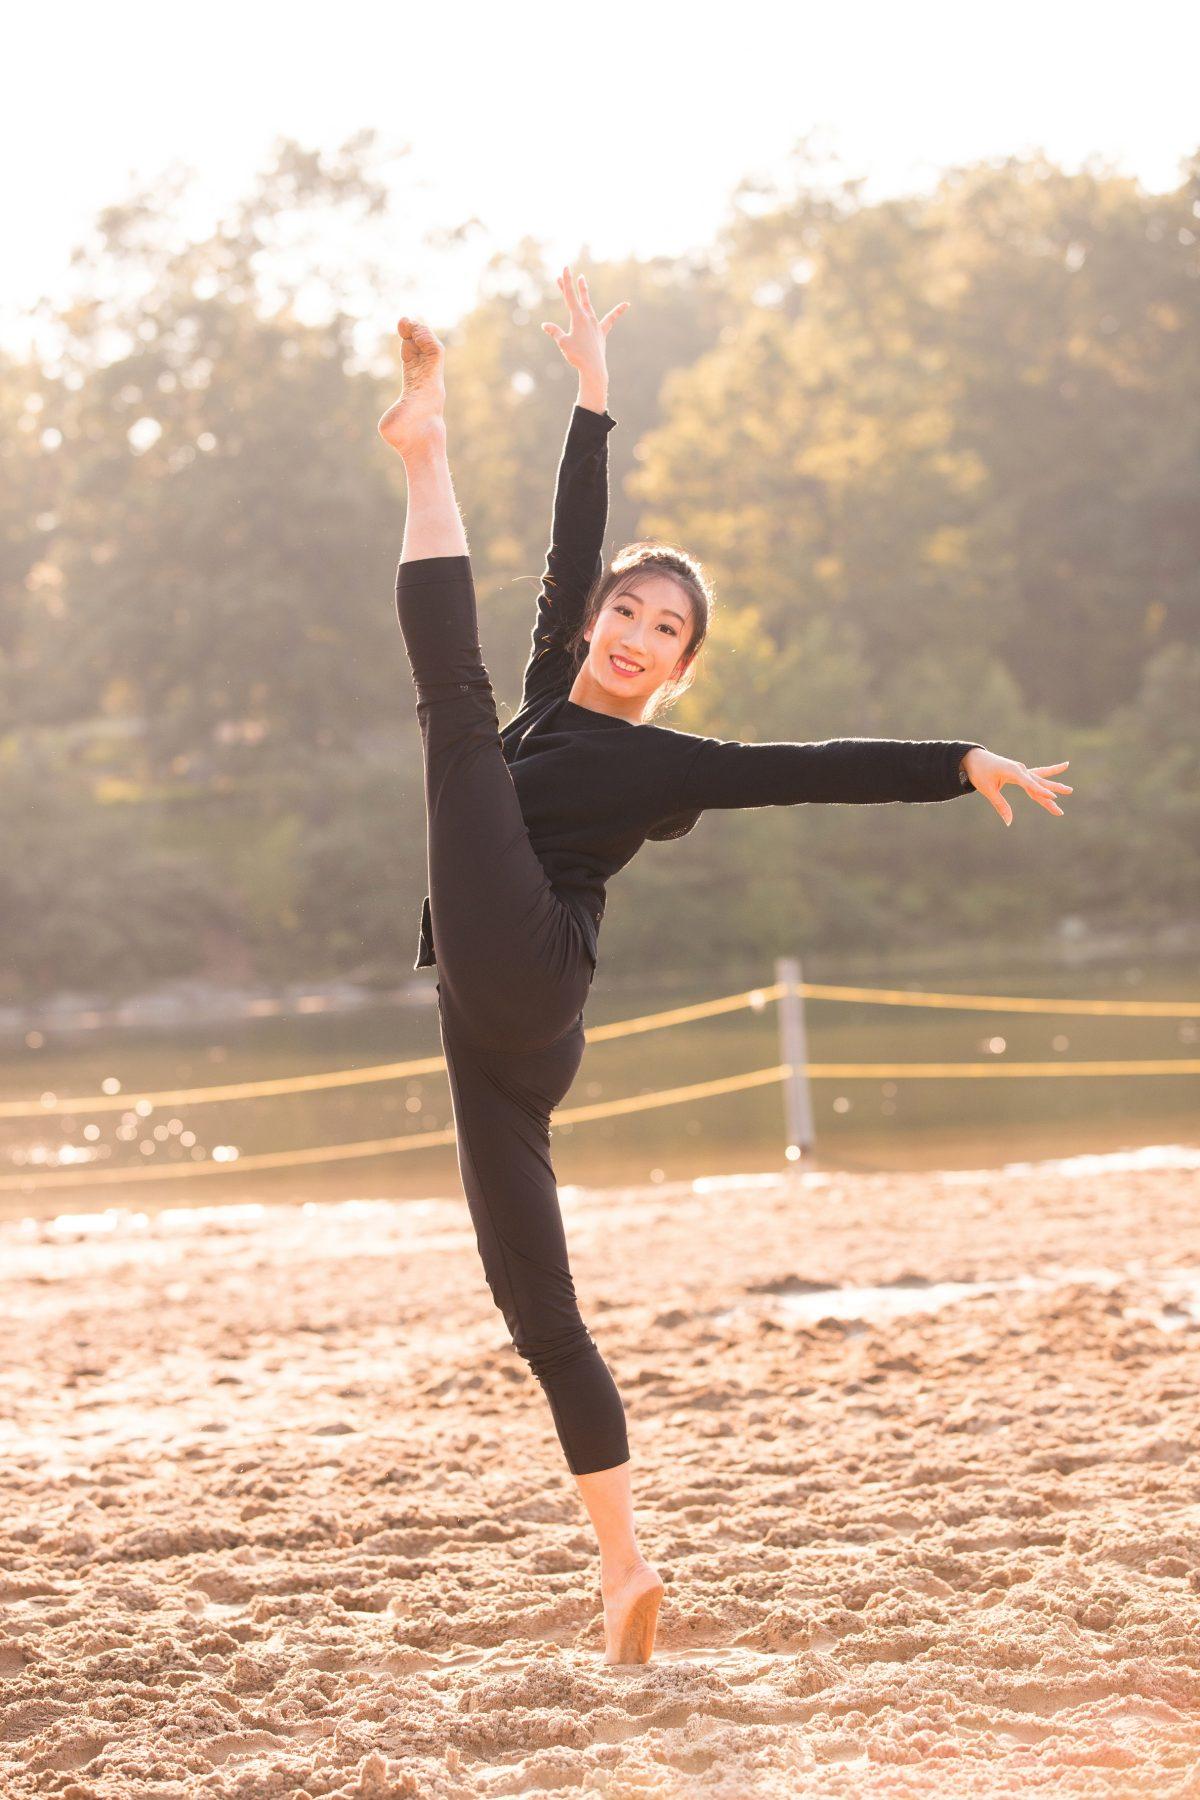 Shen Yun dancer Kaidi Wu kick outdoors_